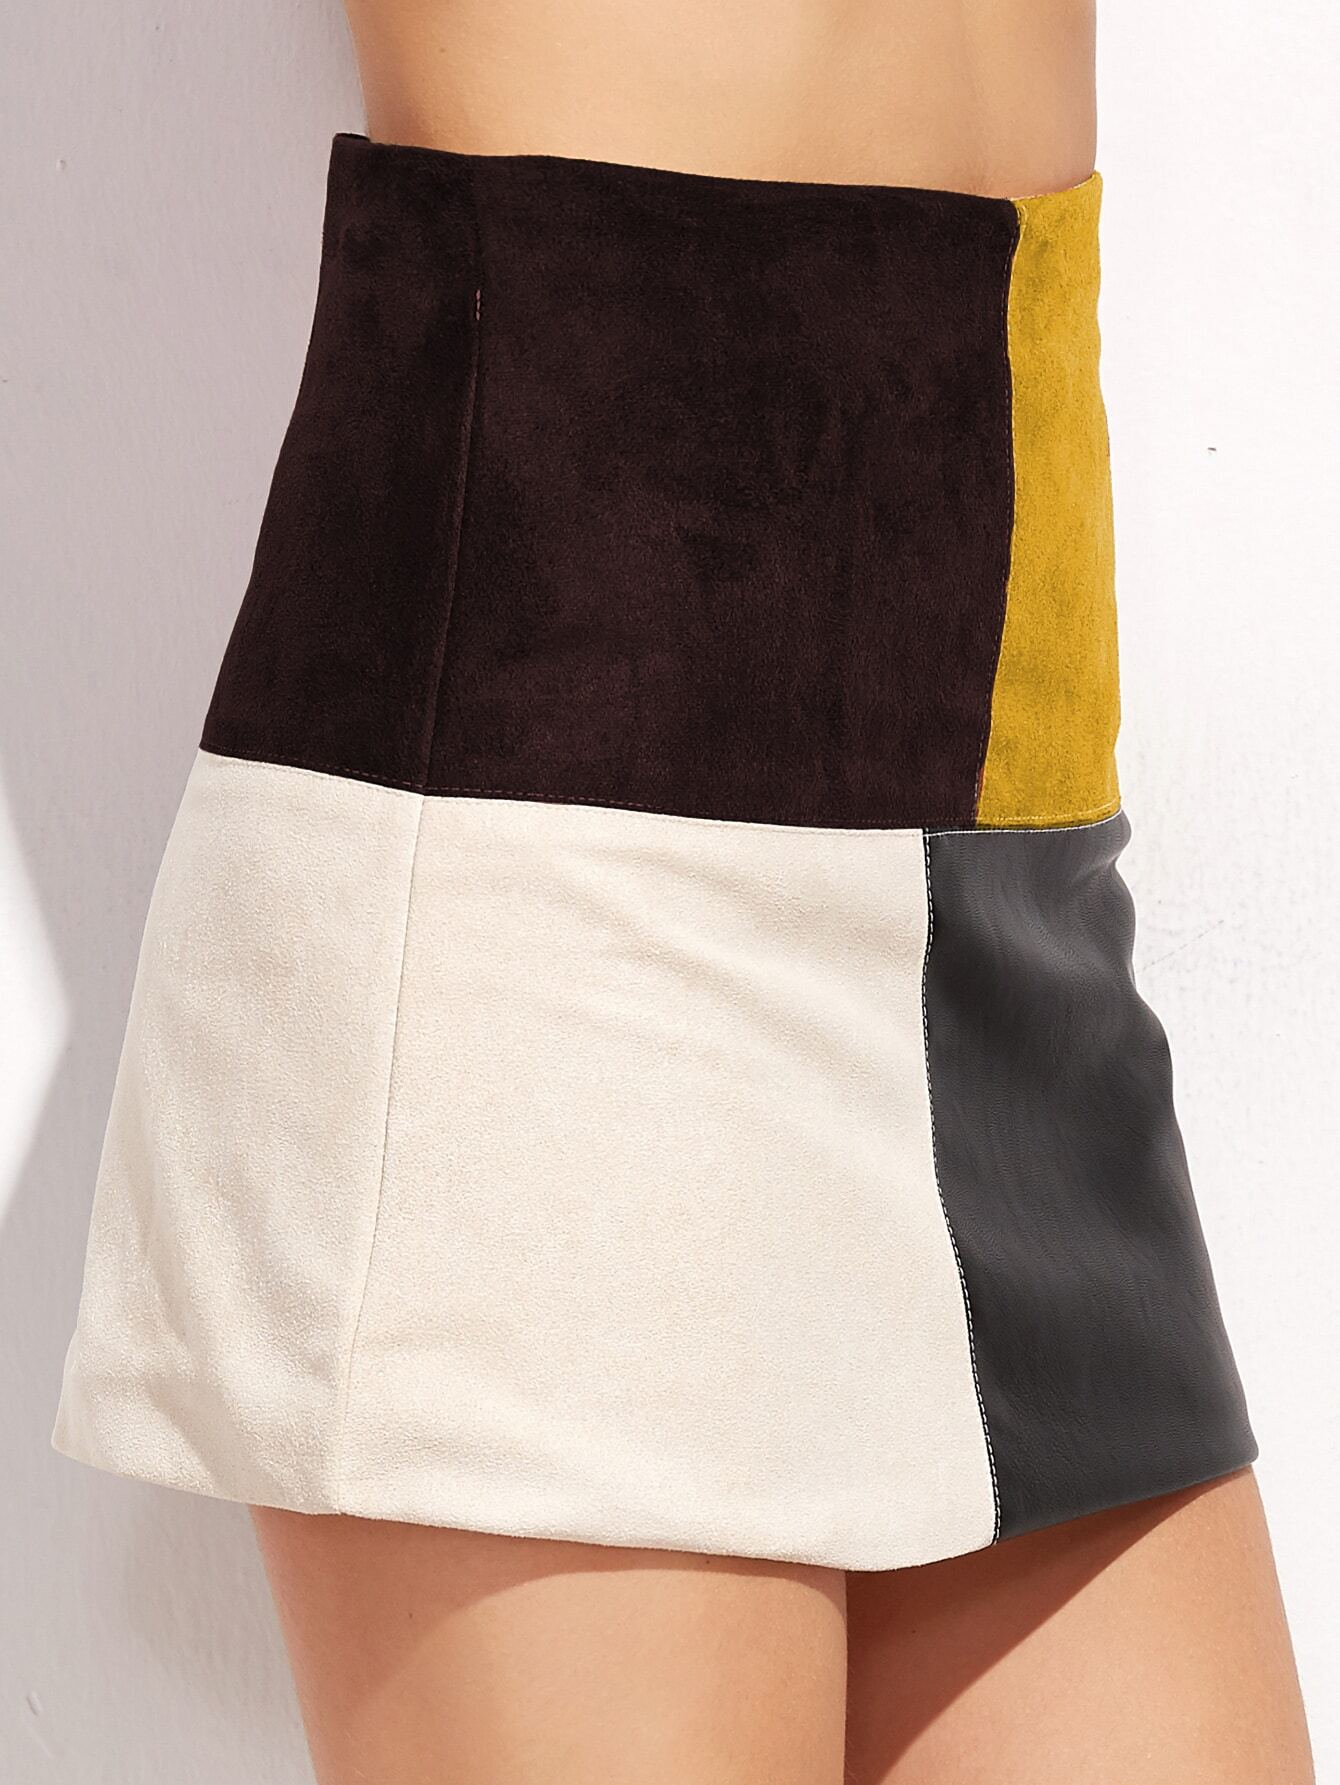 skirt161019004_2